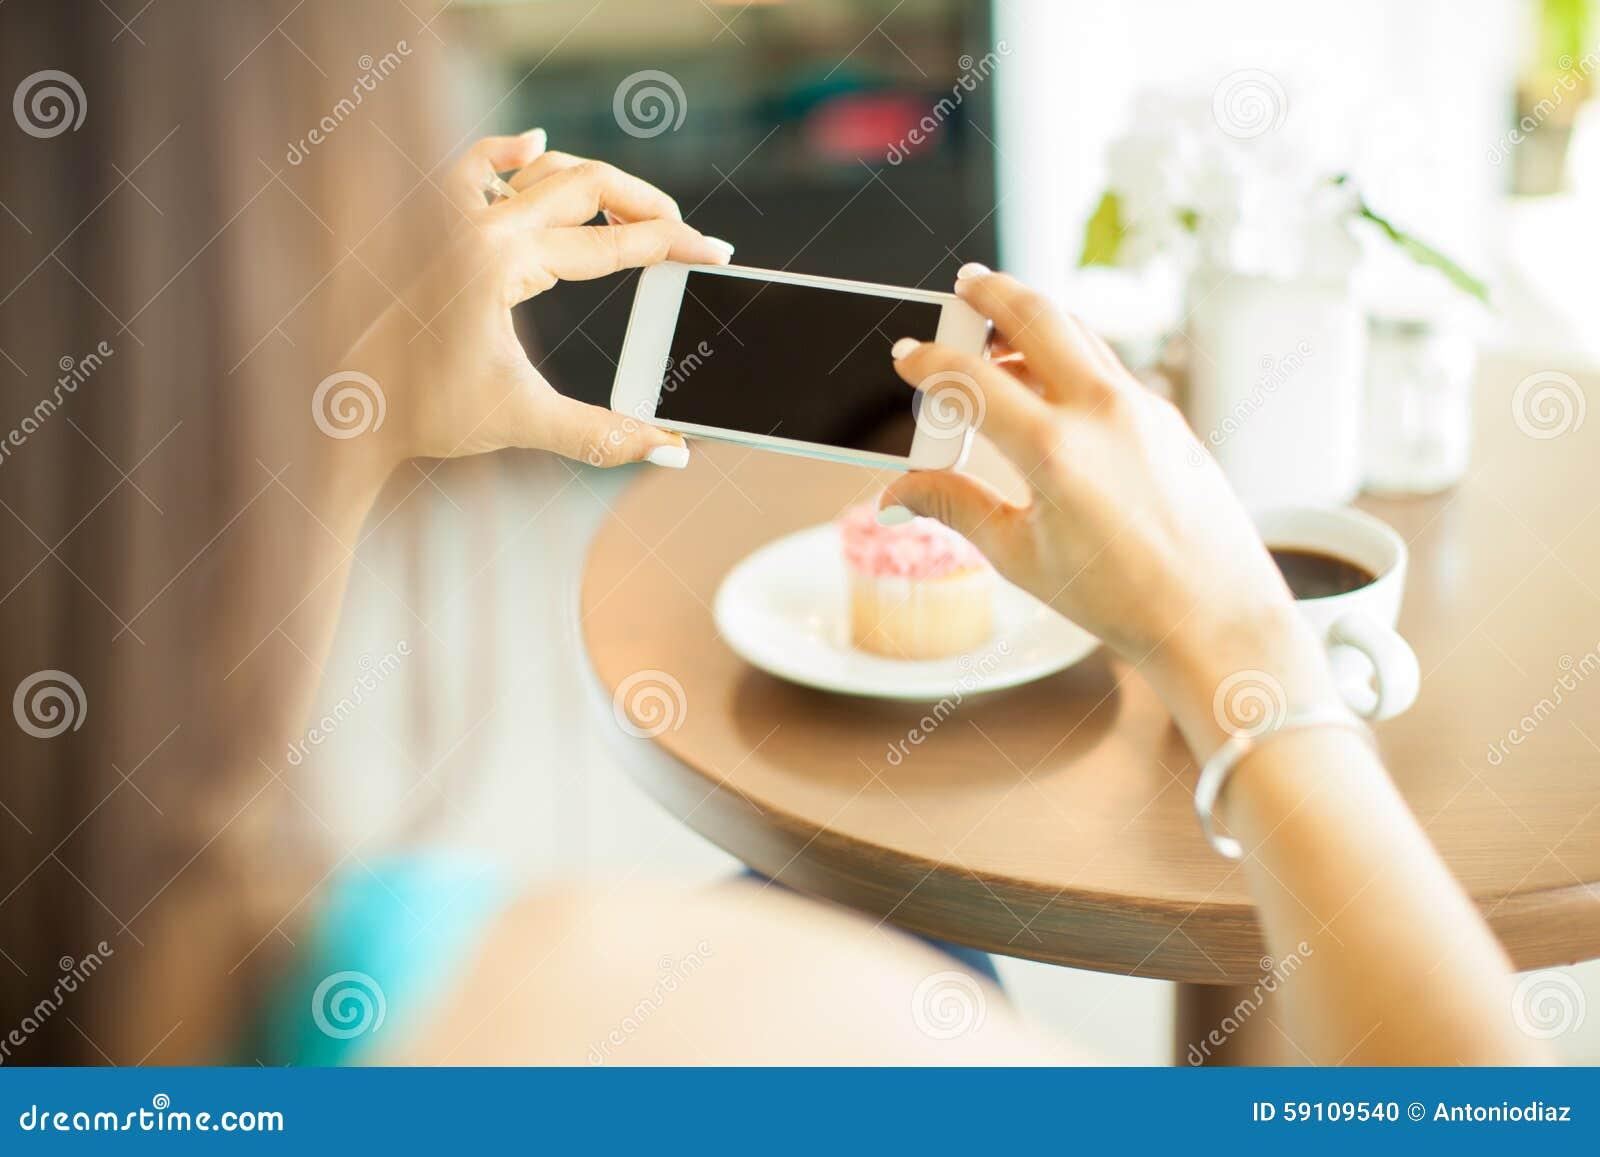 拍她的食物照片